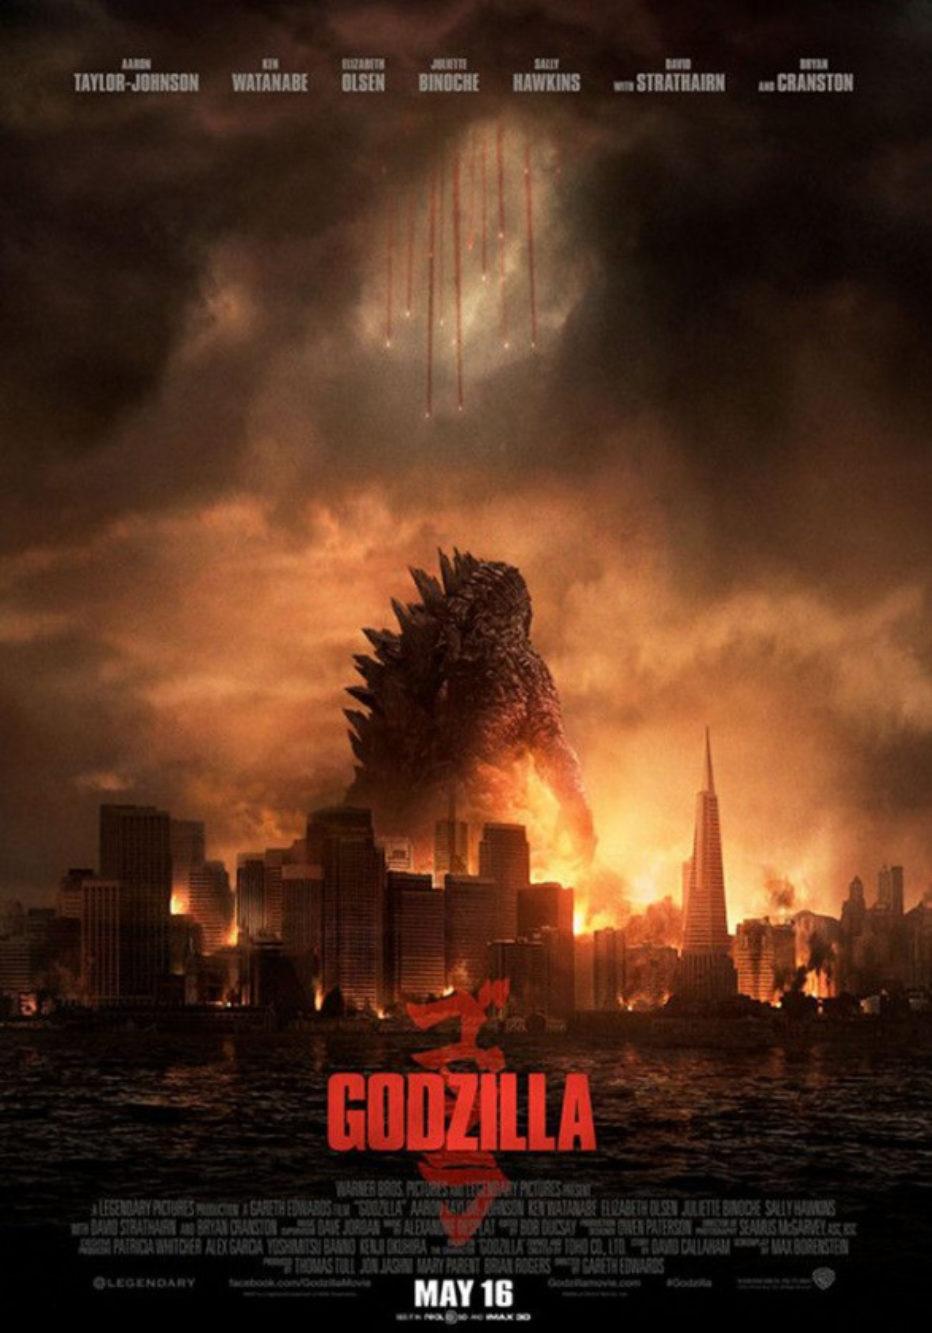 Nuevo Trailer de Godzilla: Enorme